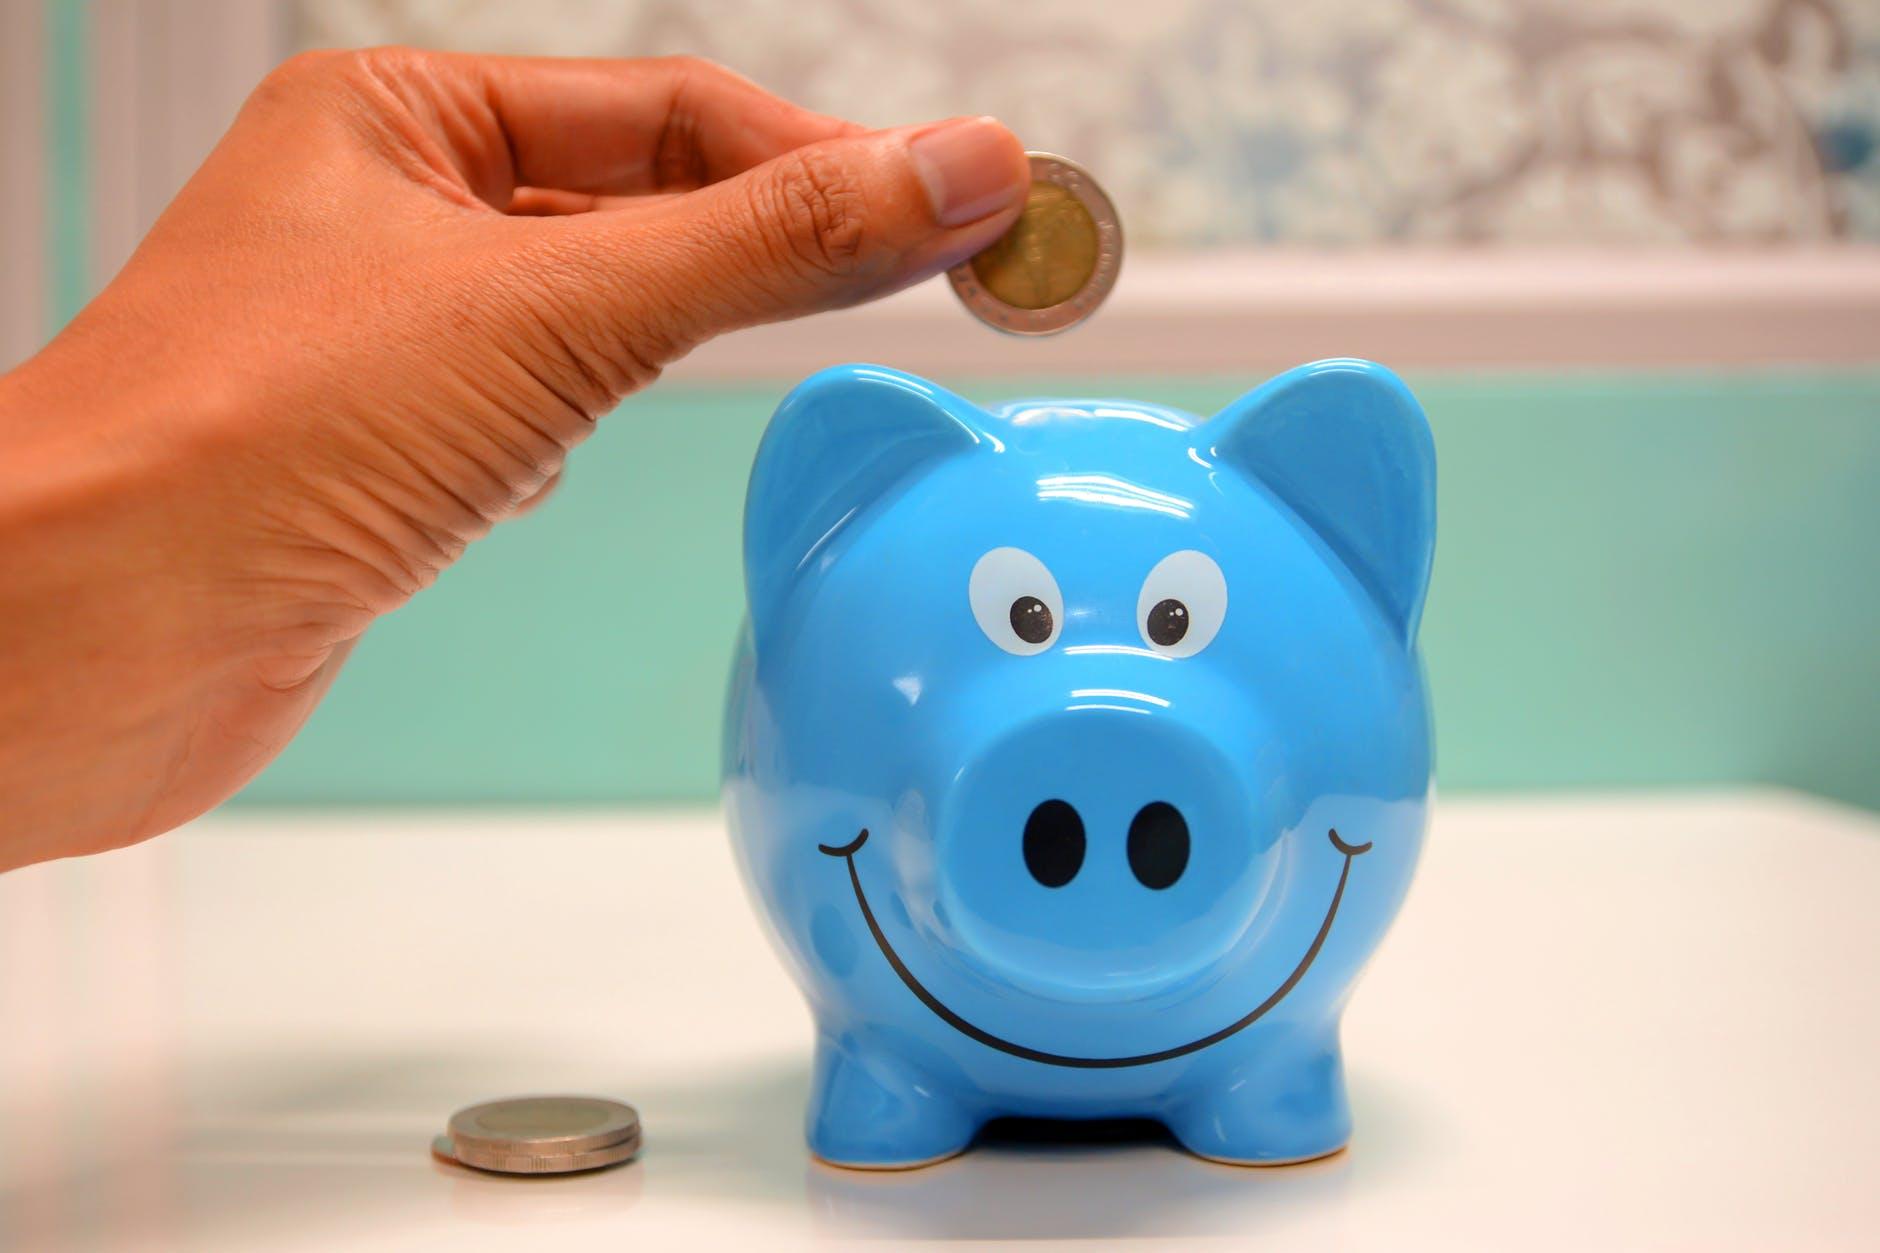 Rozsądne zarządzanie pieniędzmi - oszczędzanie